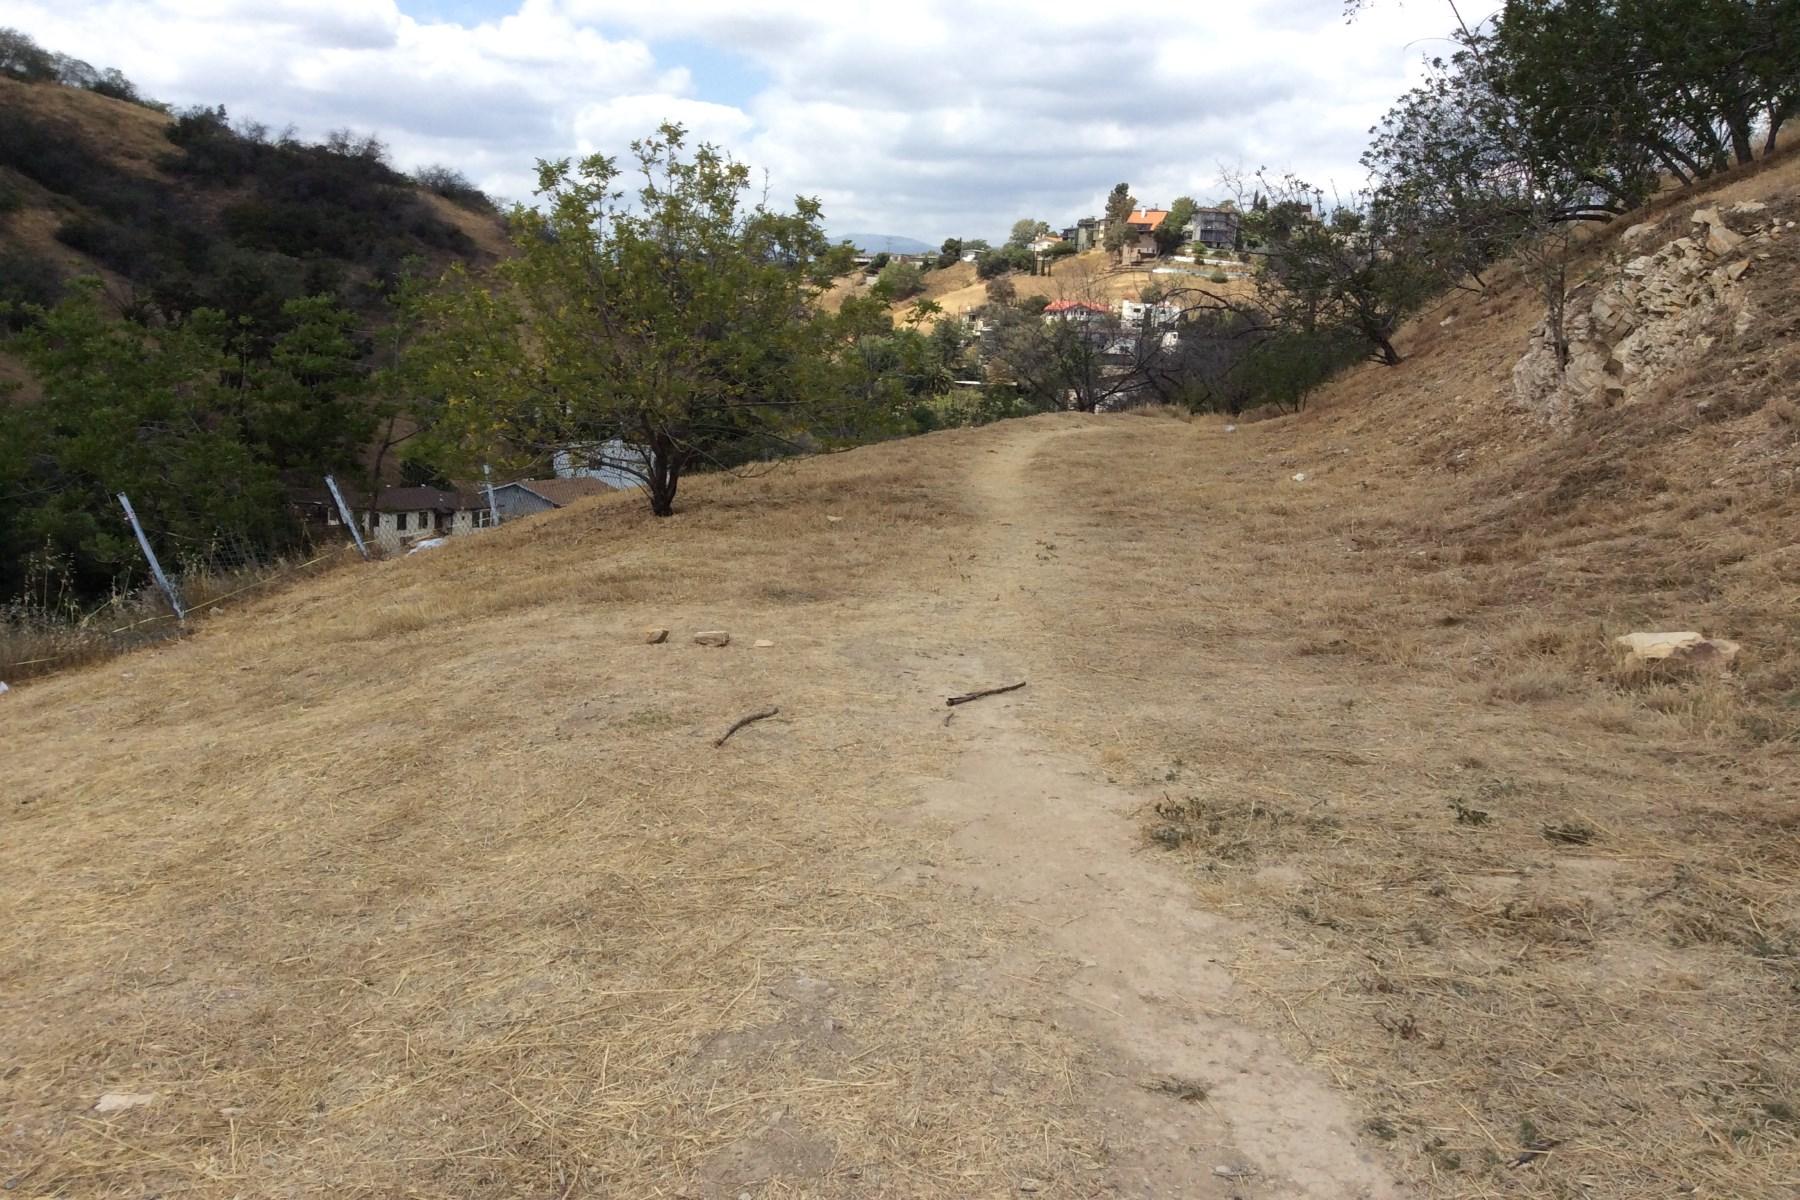 Terreno per Vendita alle ore Build Dream Home with Dazzling Views 0 Ganymede Drive Mount Washington, Los Angeles, California, 90065 Stati Uniti